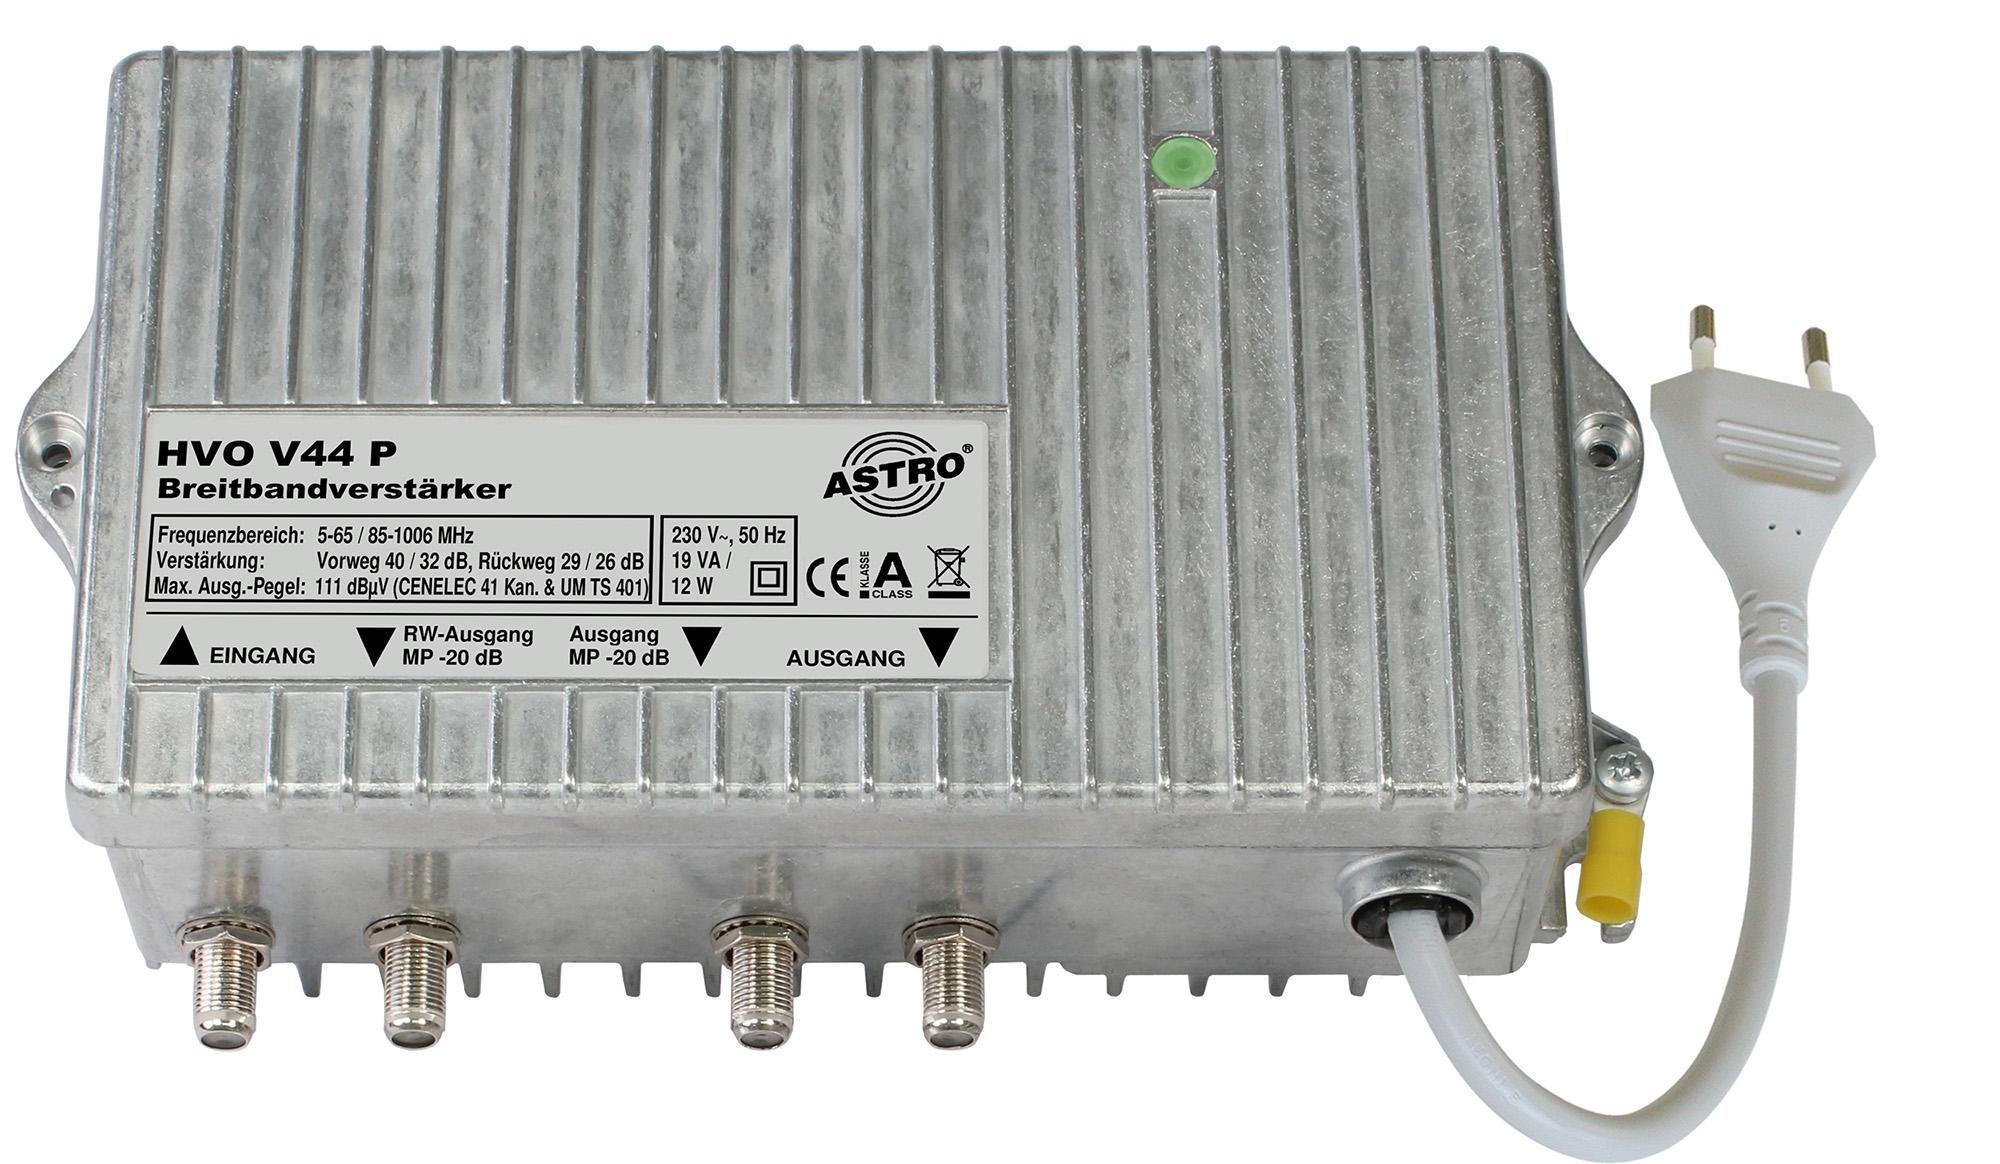 HVO V44 G, ortsgesp. Breitbandverstärker